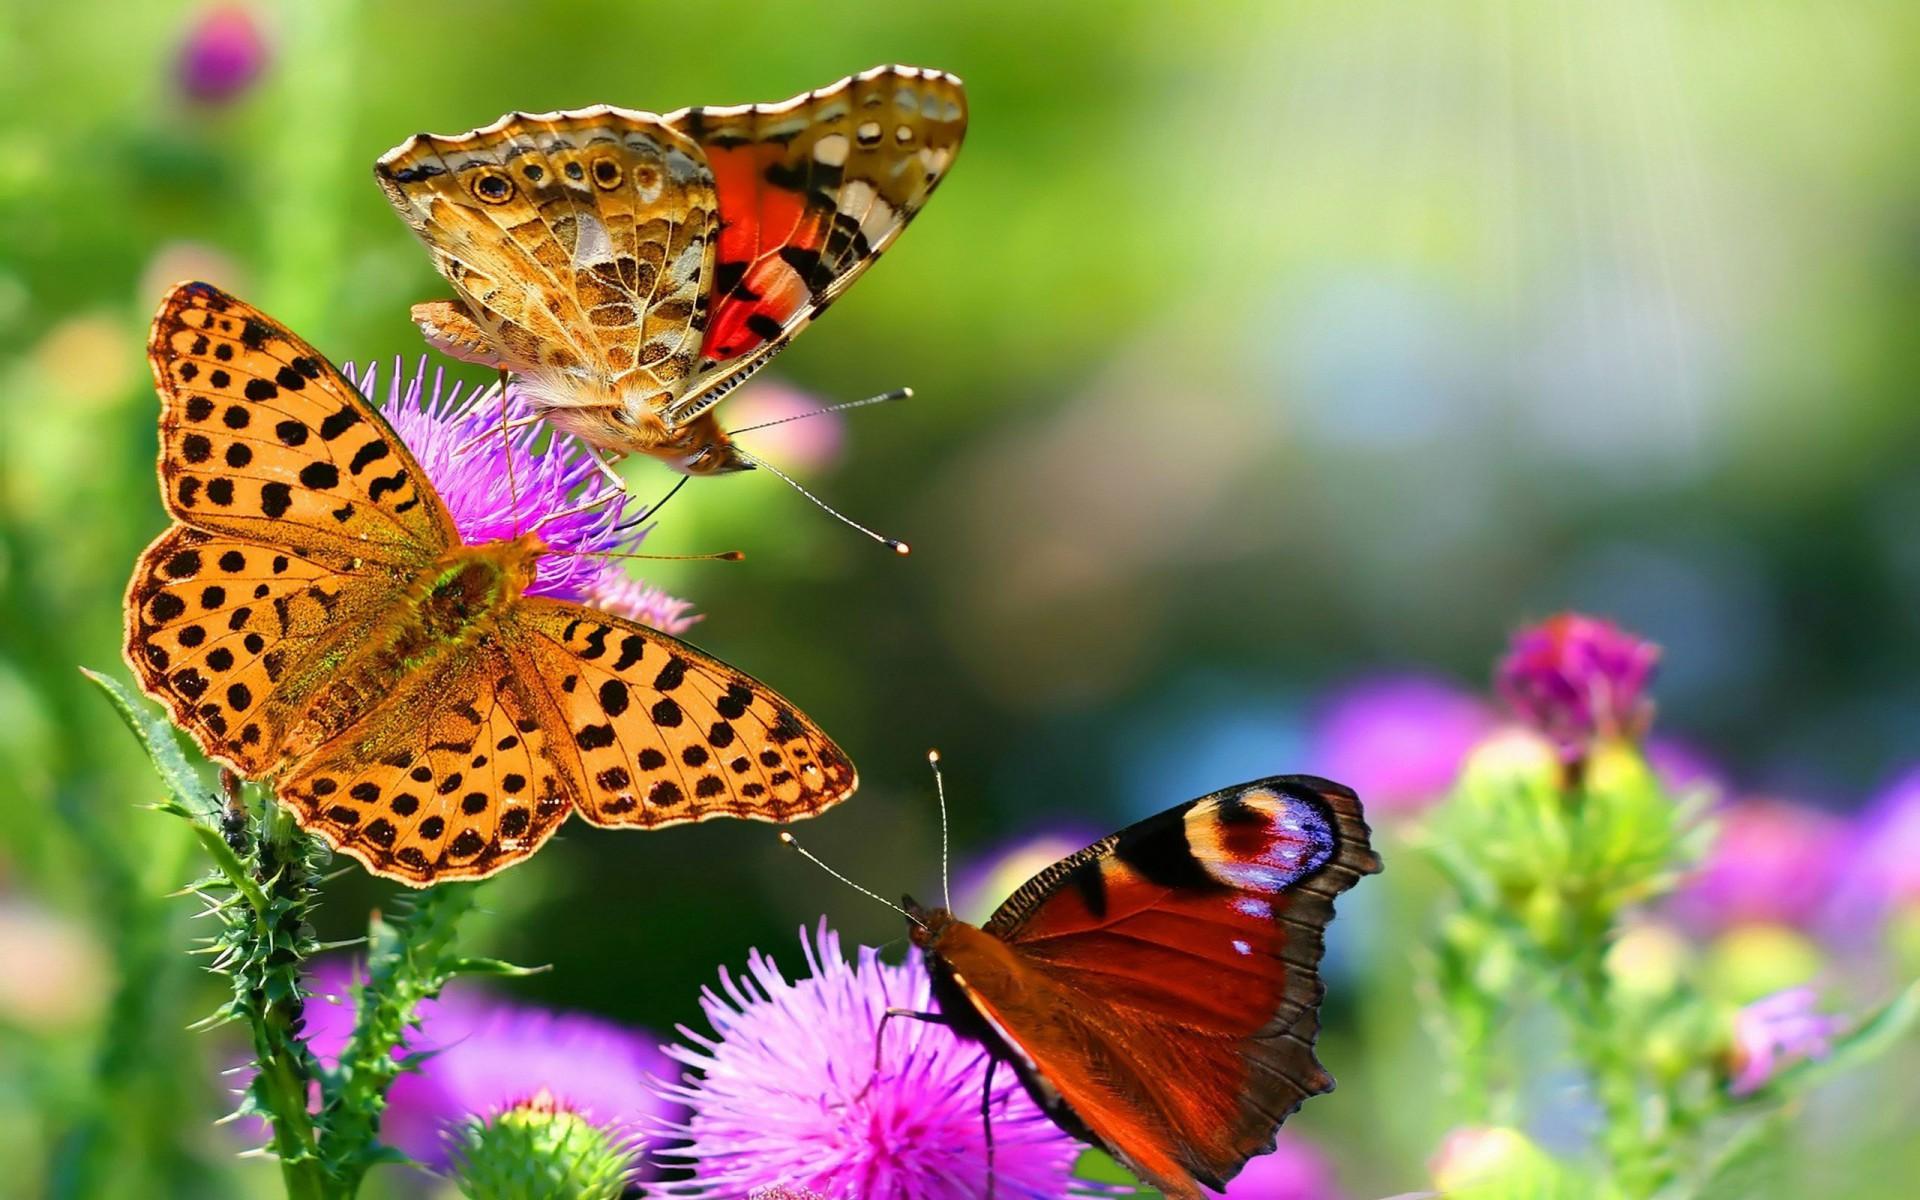 Farfalle-Fiori-1200x1920